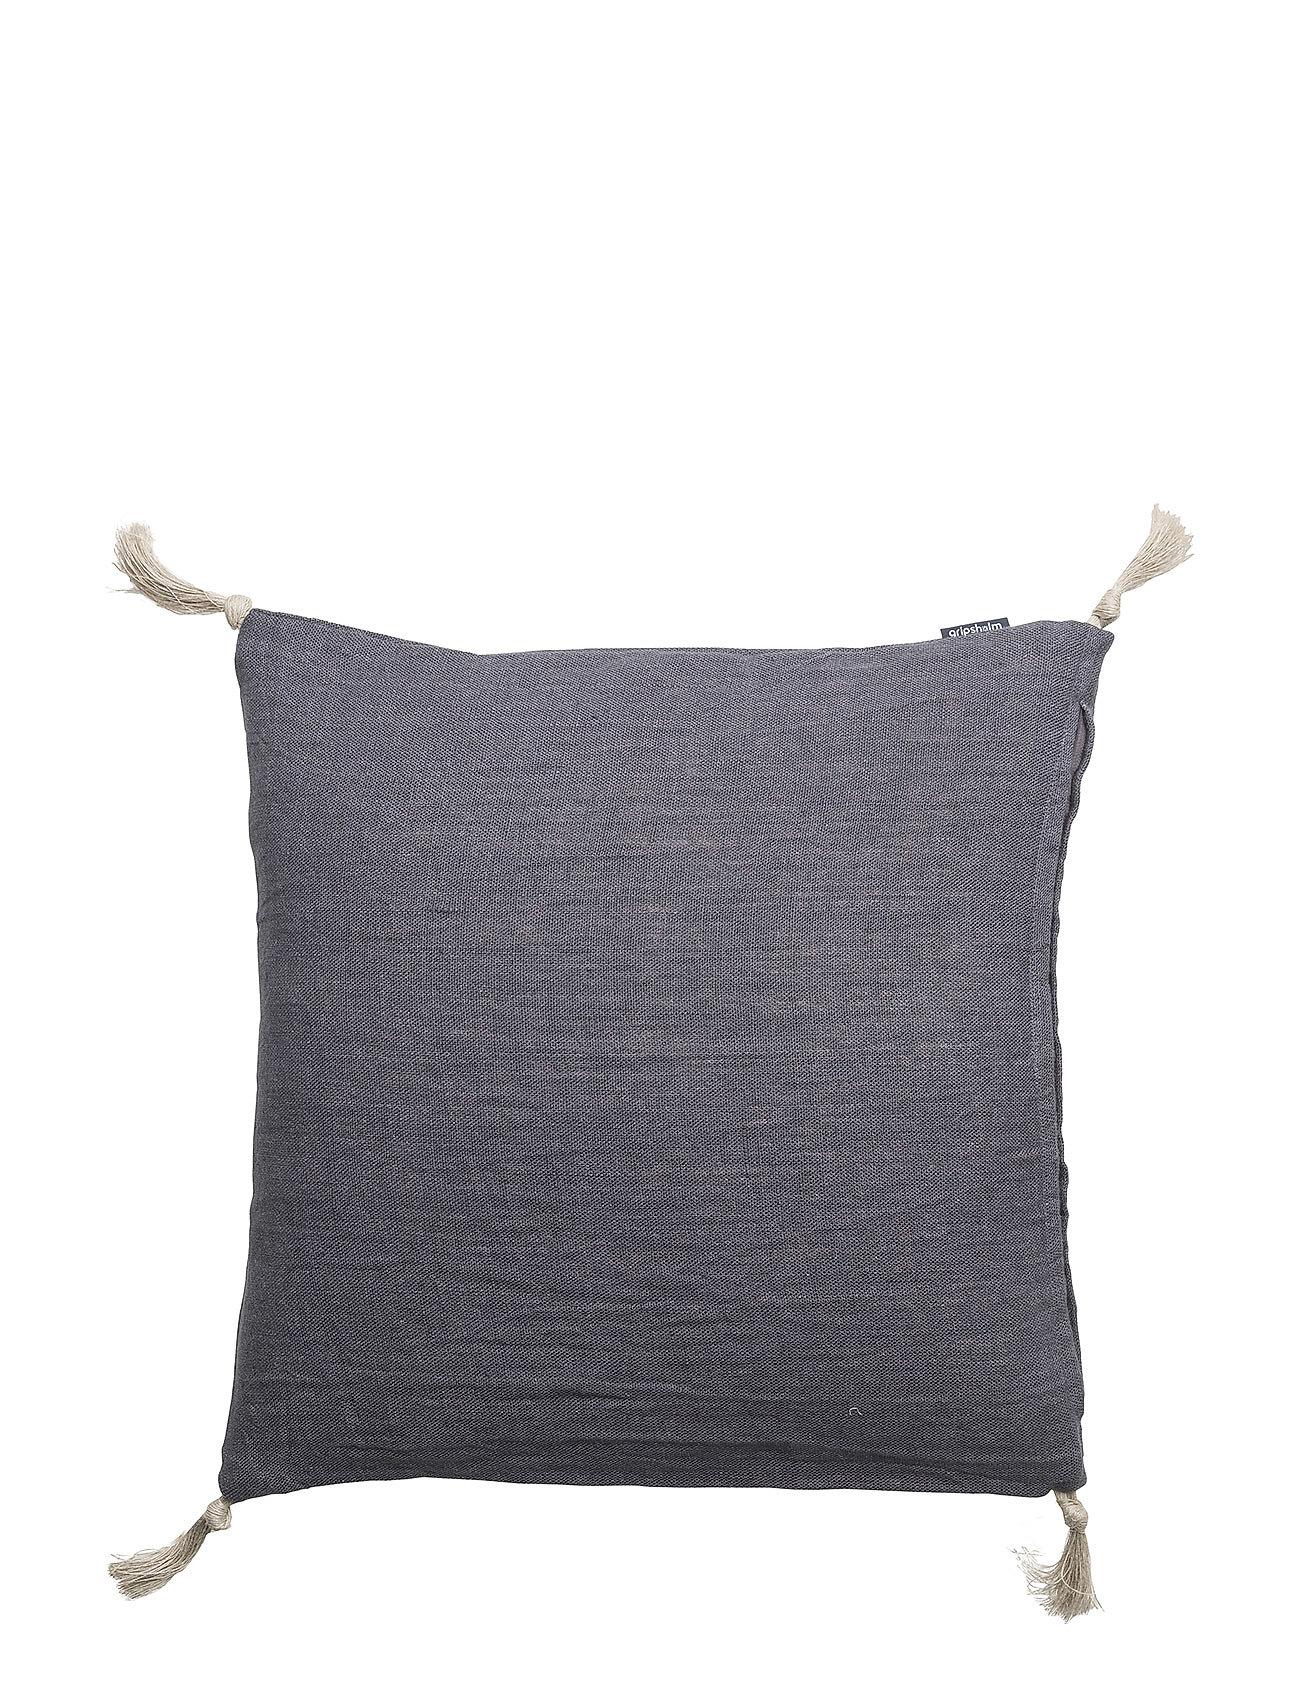 Cushion Coverombre BlueGripsholm Coverombre Cushion BlueGripsholm BlueGripsholm Cushion Coverombre Cushion Coverombre Coverombre Cushion BlueGripsholm j5Rq34AL